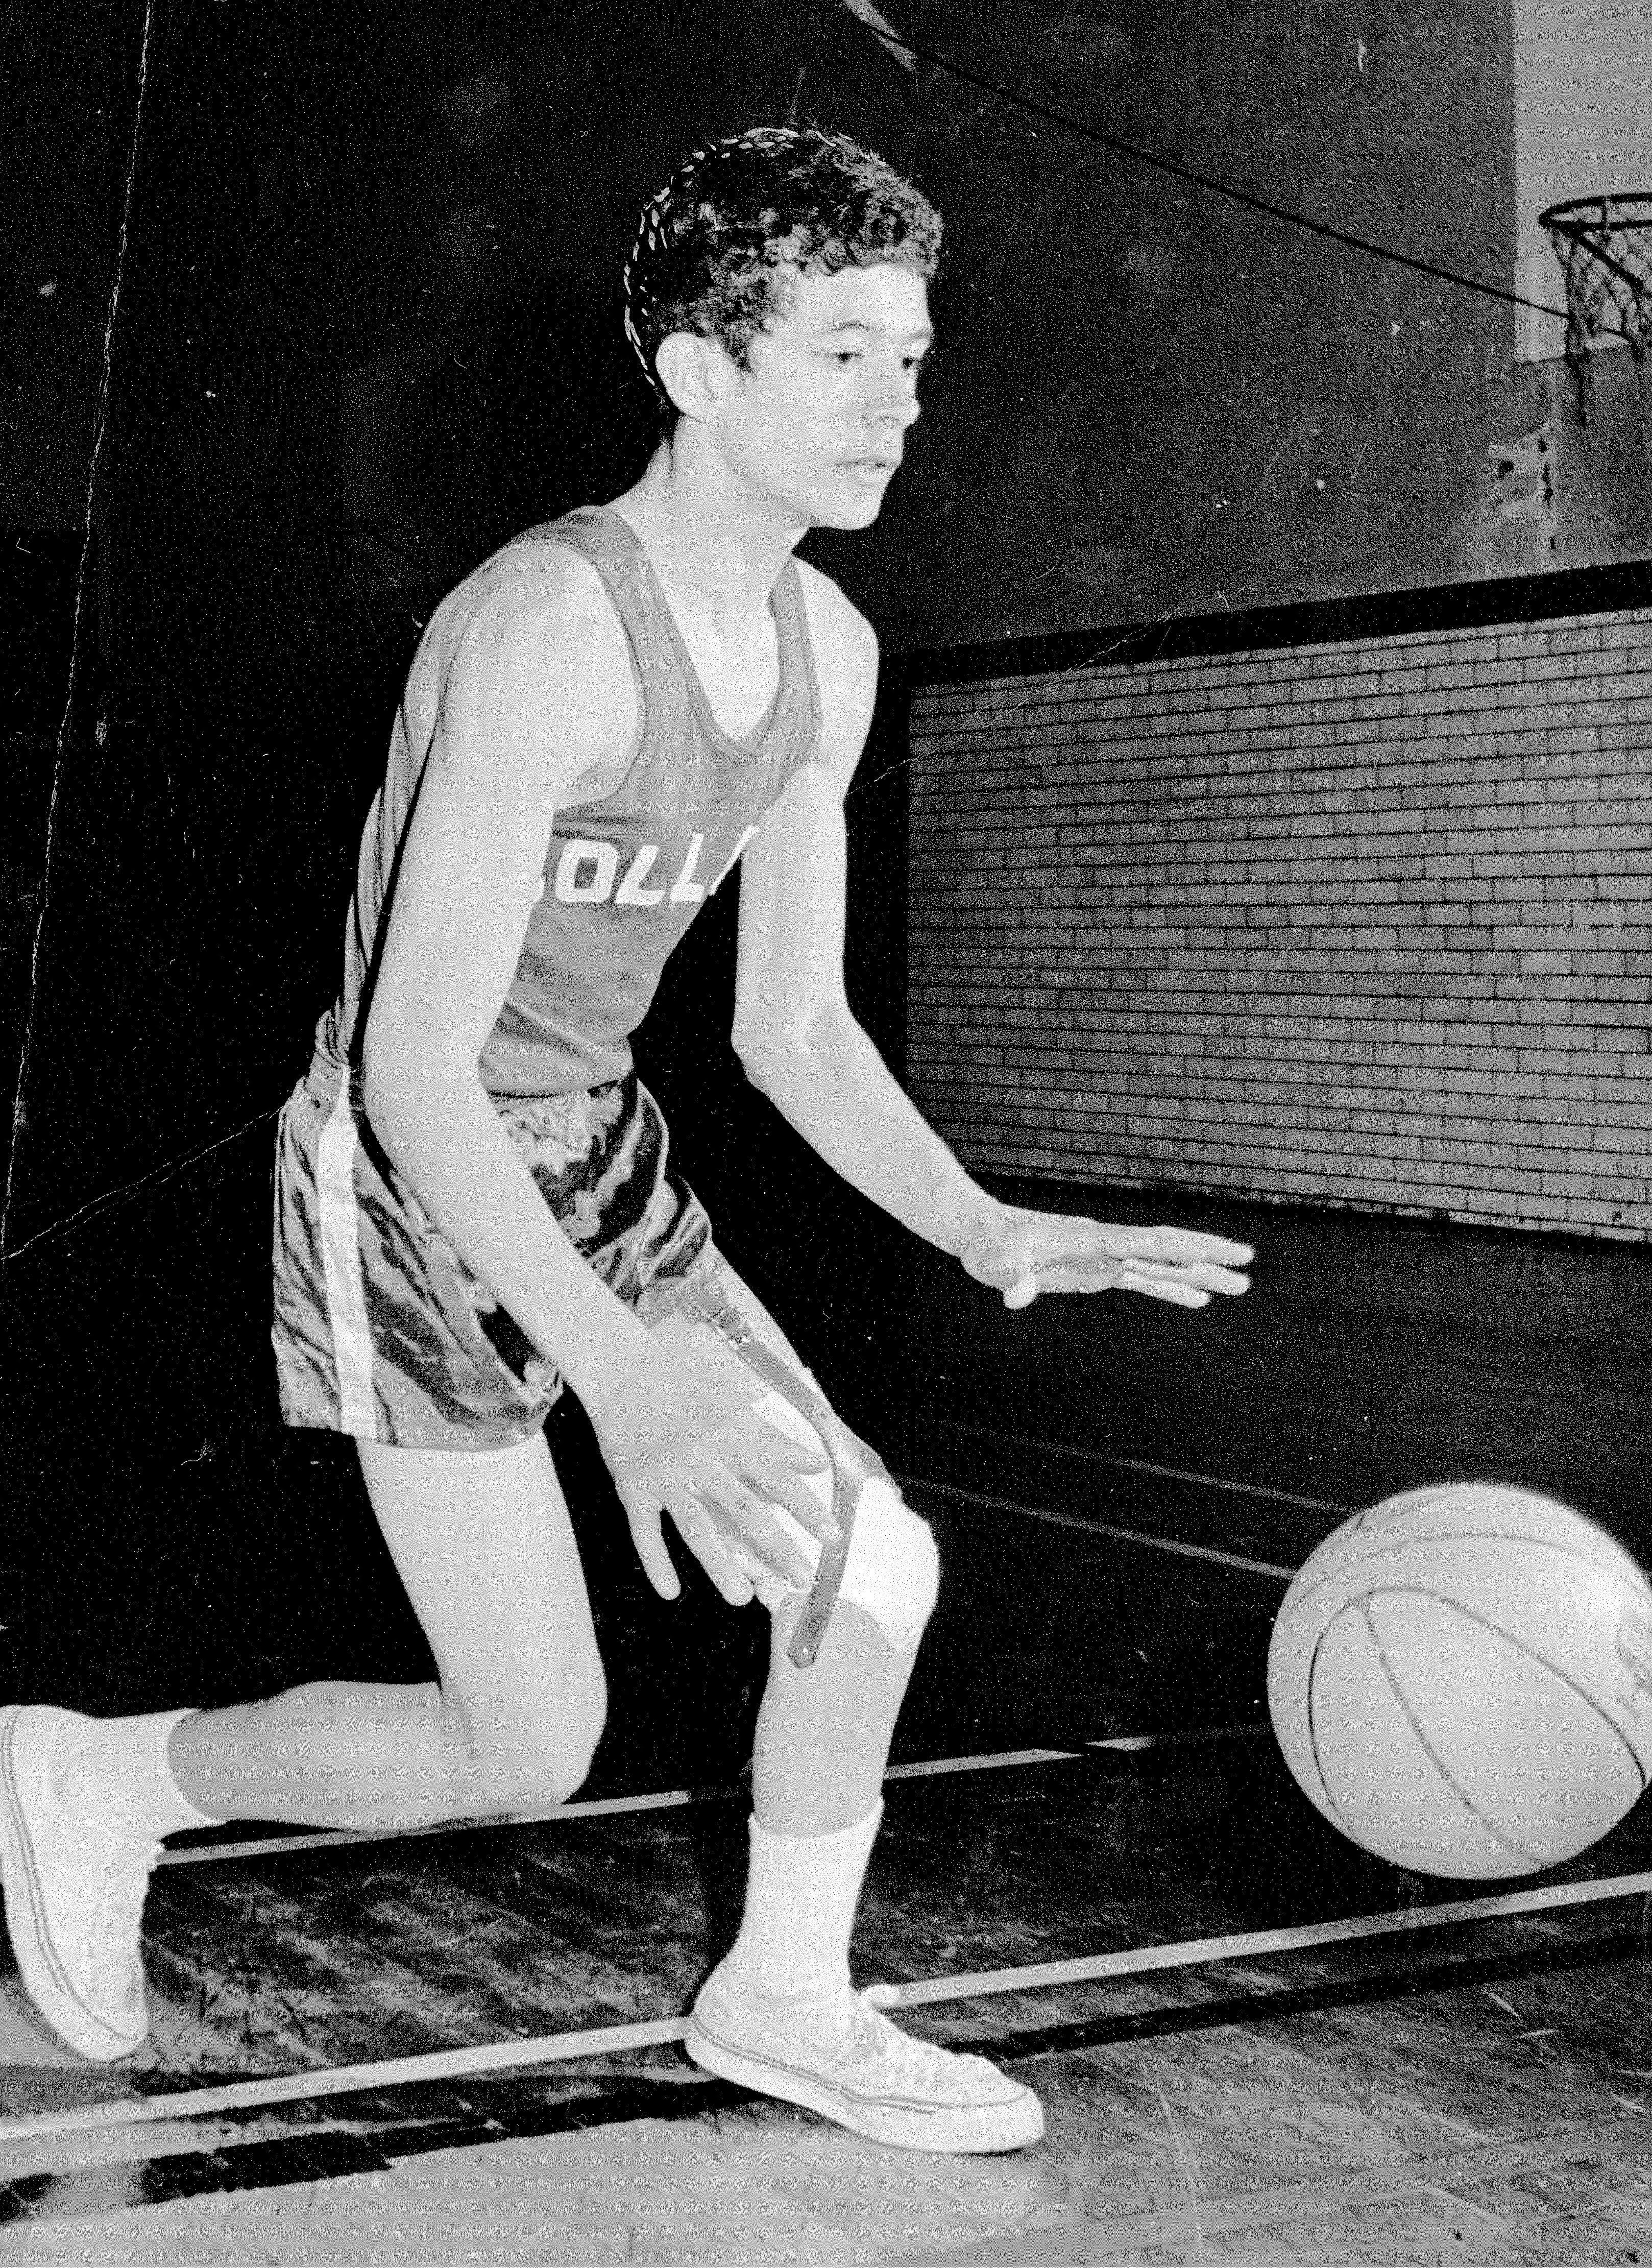 1970s basketball